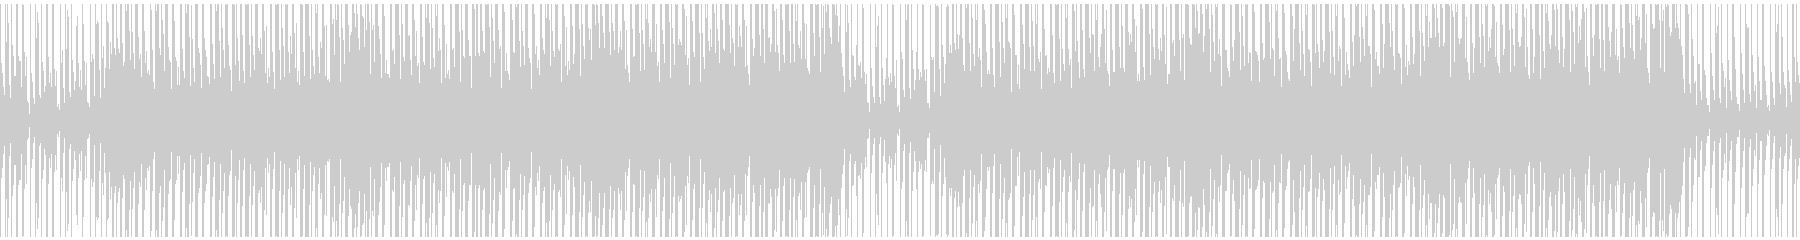 【ループ対応】シンプルなトロピカルハウスの未再生の波形